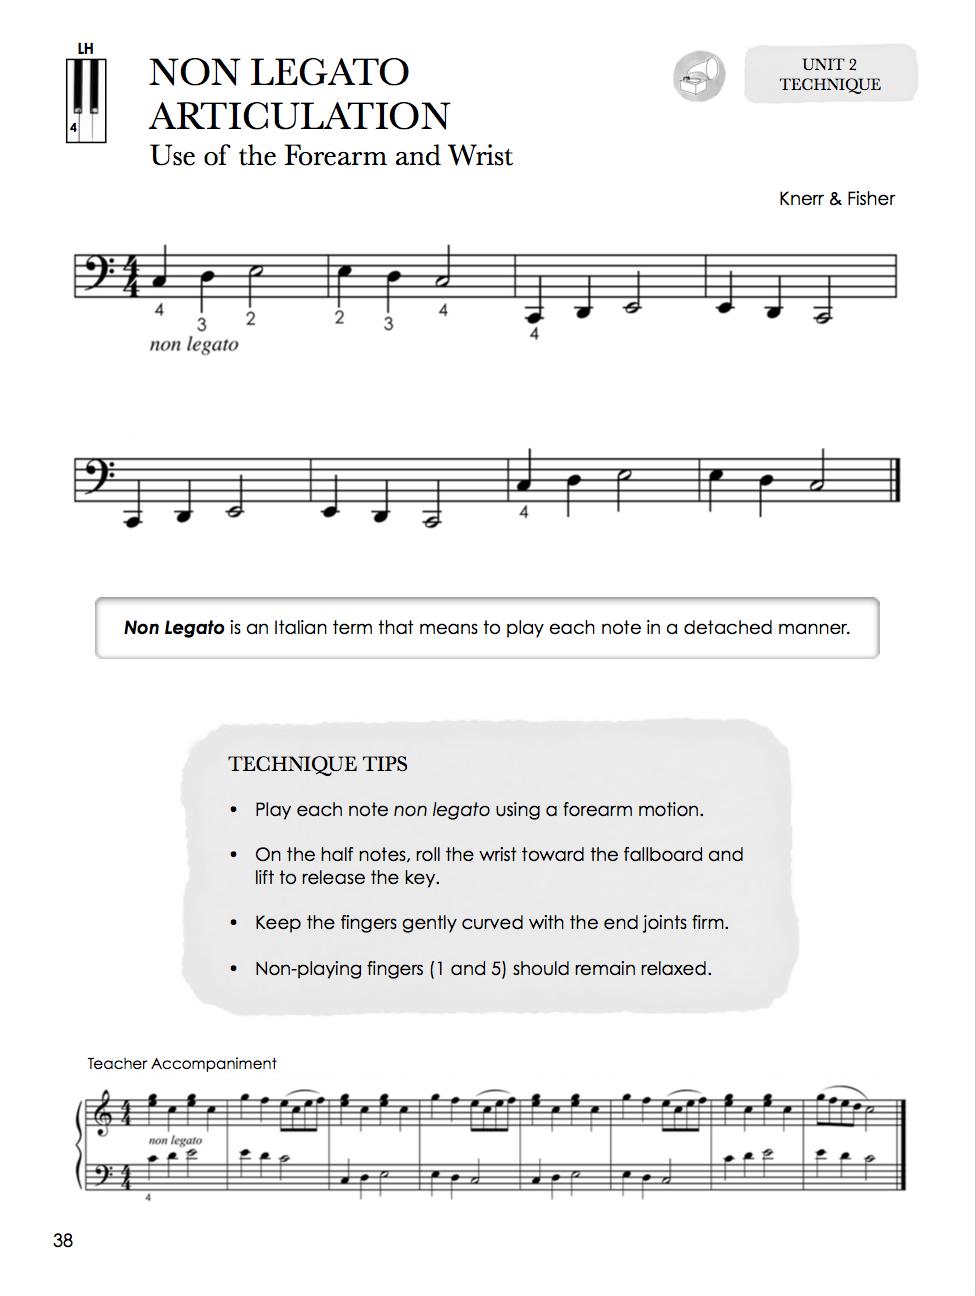 NON LEGATO ARTICULATION PIANO ARTICULAÇÃO LEGATO PIANO REPERTOIRE & TECHNIQUE FOR THE OLDER STUDENT BOOK 1 LOJA MINEIRA DO MUSICO